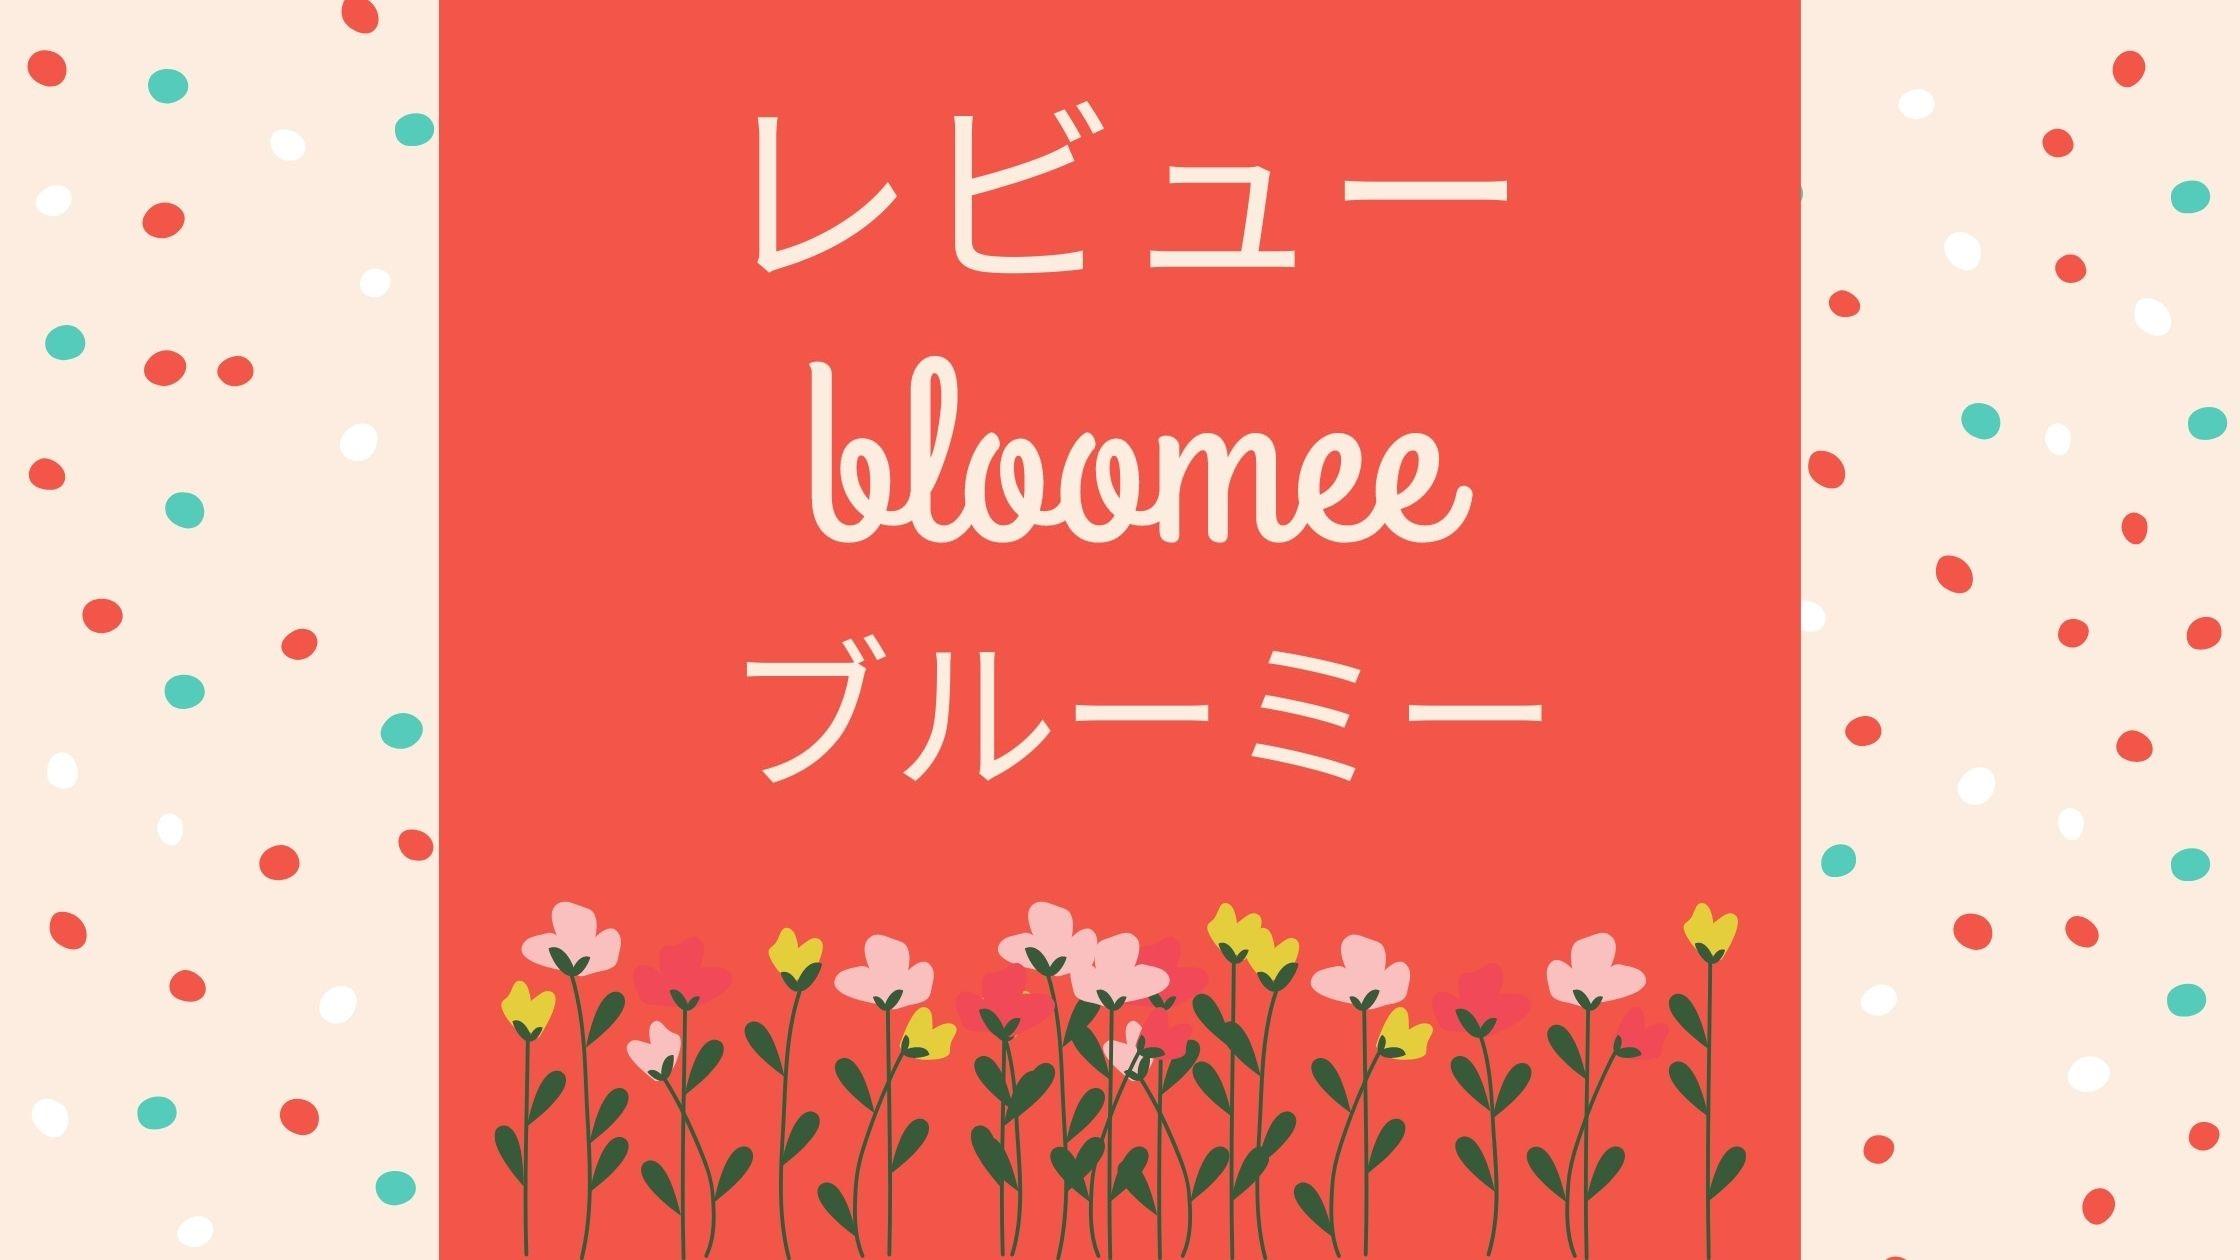 花のサブスク「bloomee-ブルミー」レビュー